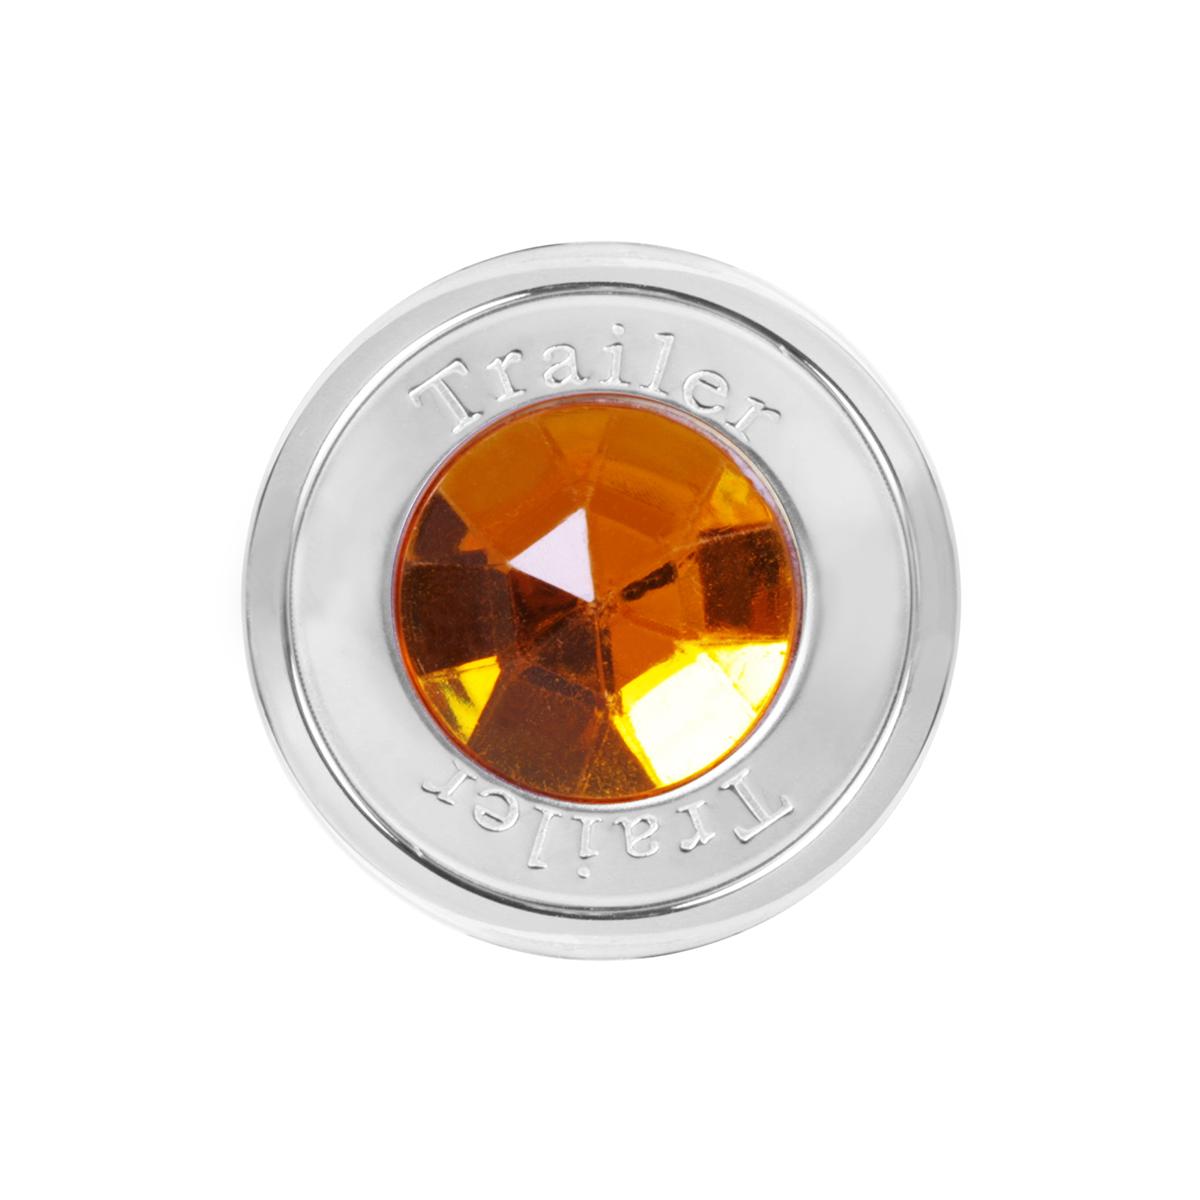 95820 Trailer Air Control Knob w/ Amber Crystal